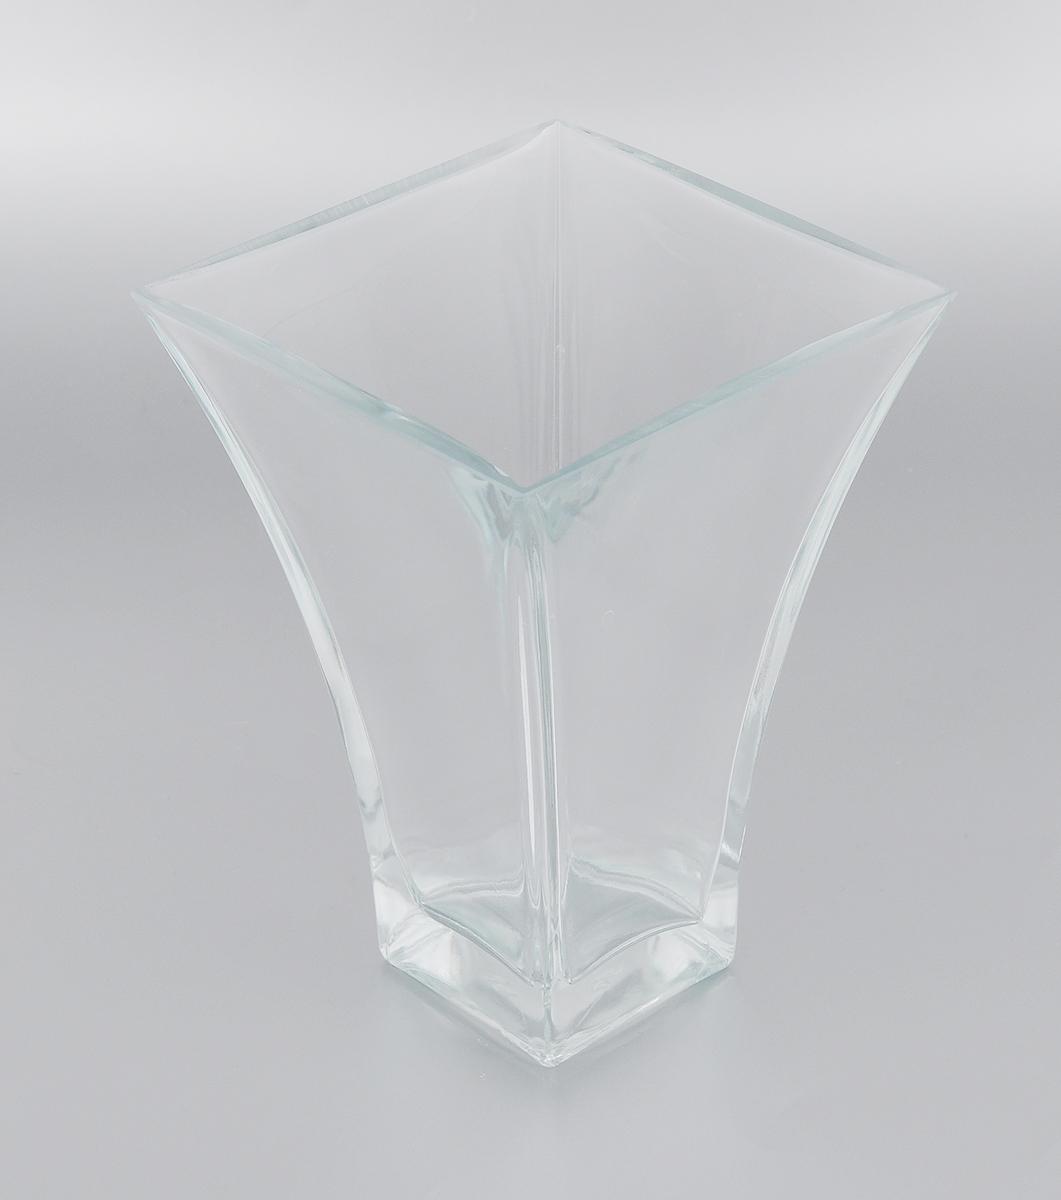 Ваза Pasabahce Botanica, высота 20 см80149BЭлегантная ваза Pasabahce Botanica выполнена из высококачественного натрий-кальций- силикатного стекла. Изделие придется по вкусу и ценителям классики, и тем, кто предпочитает утонченность и изящность. Вы можете поставить вазу в любом месте, где она будет удачно смотреться и радовать глаз. Такая ваза подойдет для декора интерьера. Кроме того - это отличный вариант подарка для ваших близких и друзей. Можно мыть в посудомоечной машине. Высота вазы: 20 см. Размер вазы (по верхнему краю): 14,5 х 14,5 см.